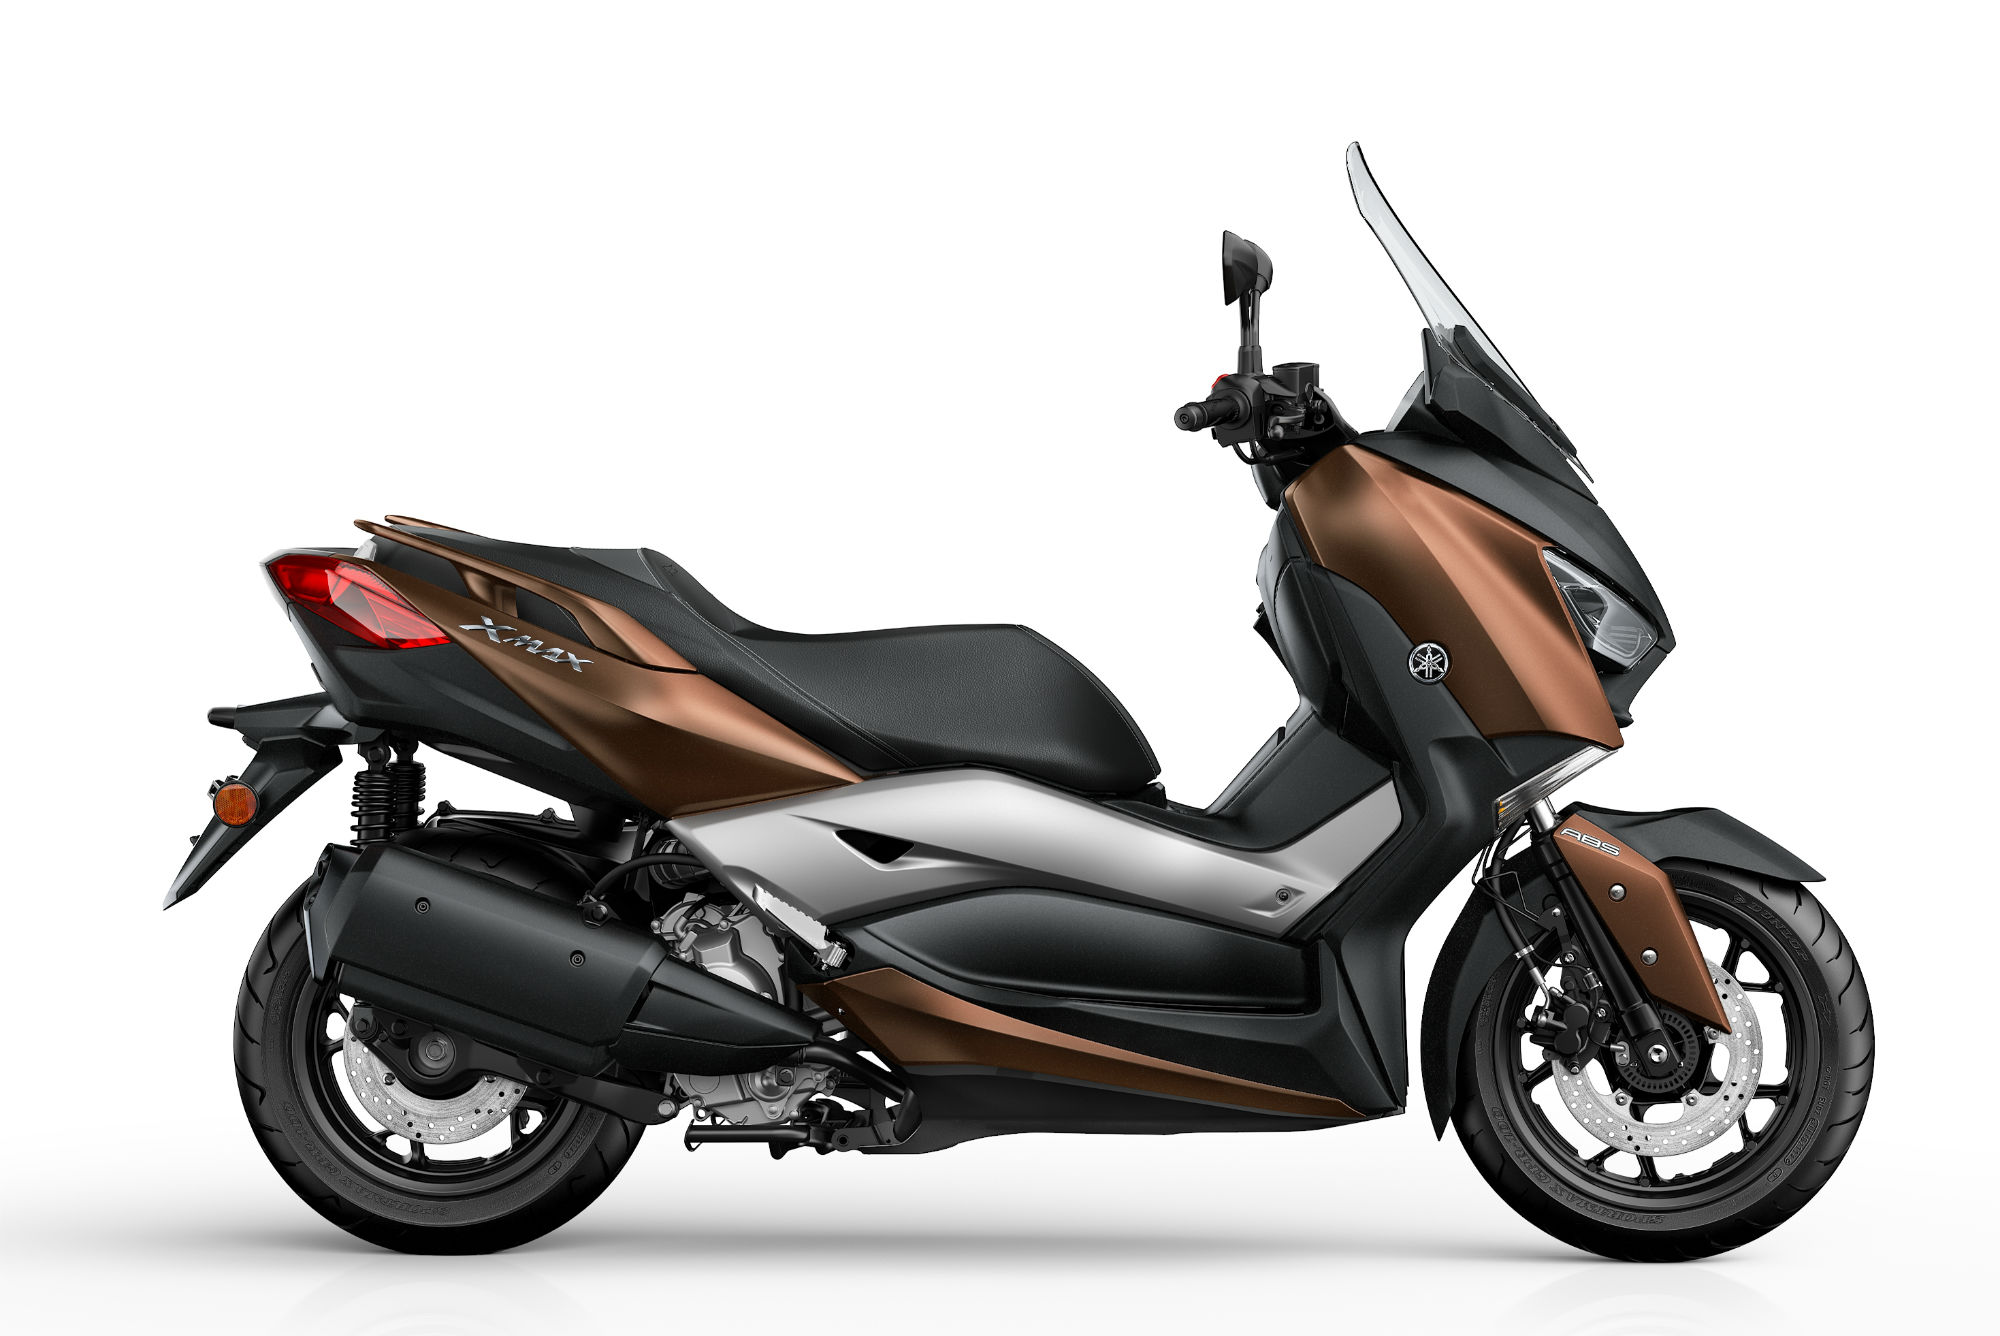 New Yamaha X-MAX 300 revealed